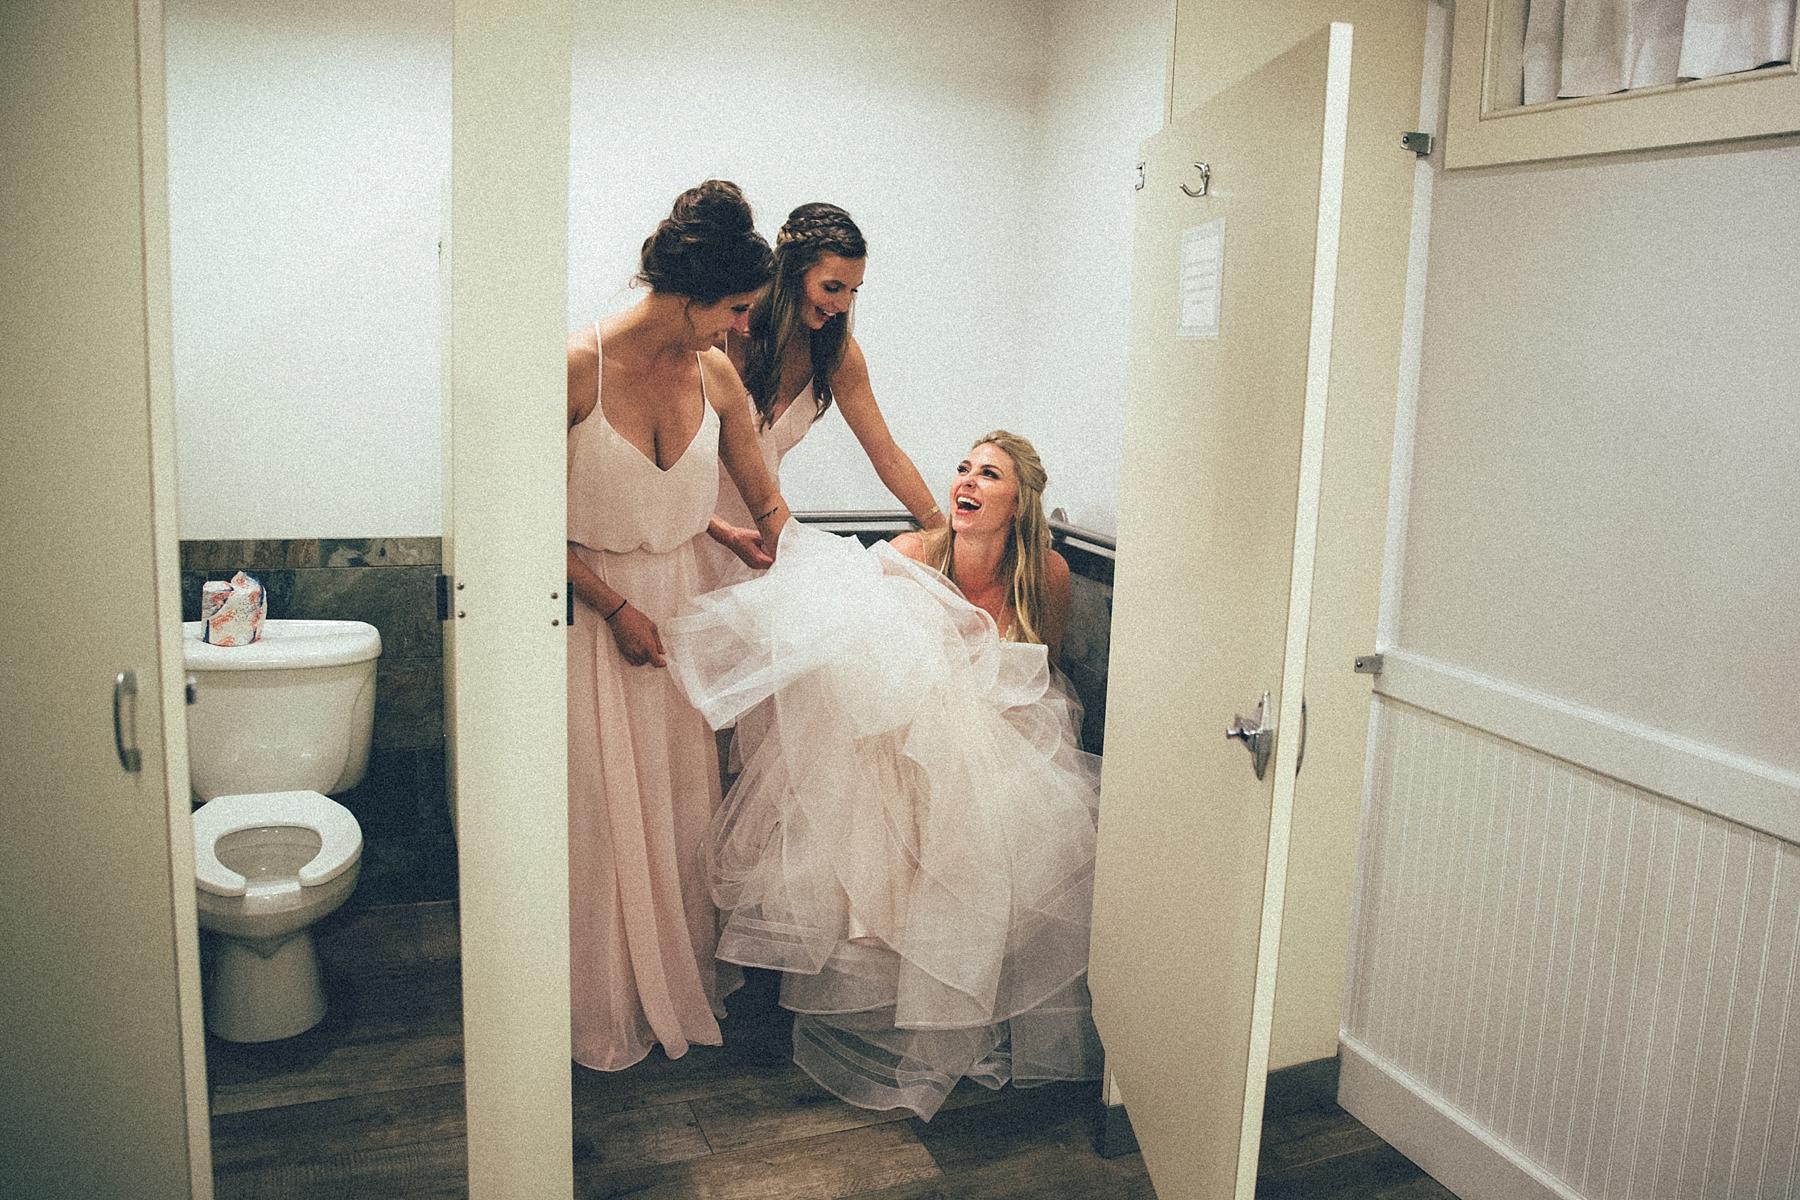 childhood-home-wedding-new-hope-pa-lambertville-nj_0090.jpg